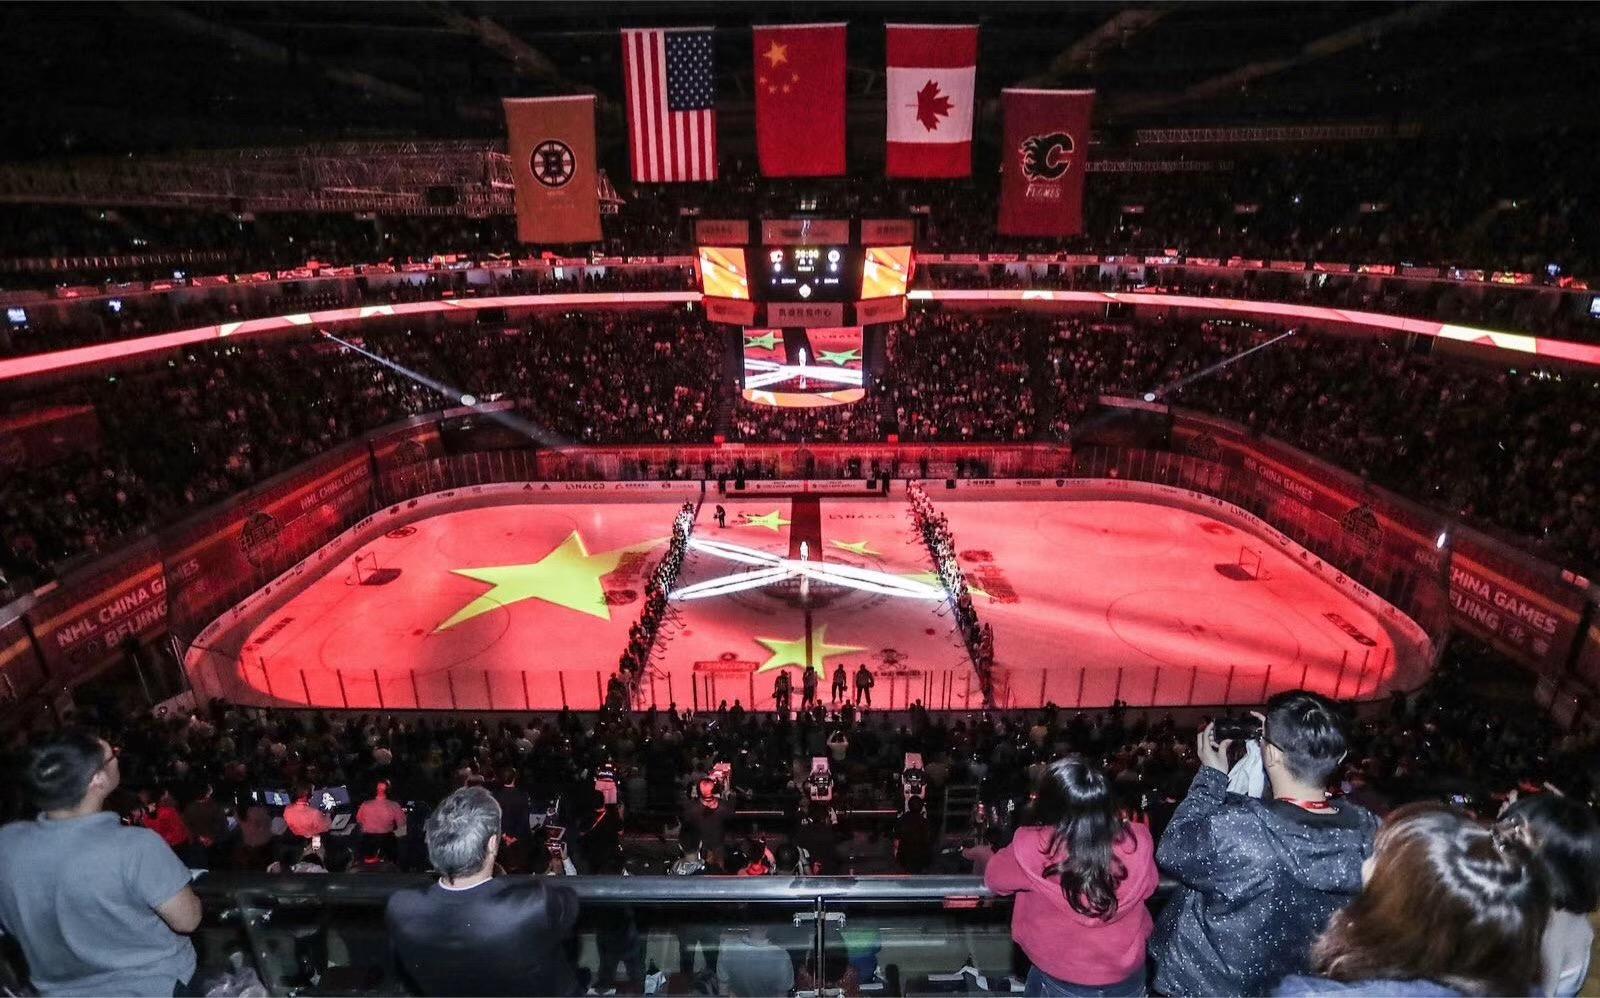 领克携手2018 NHL北美冰球联赛中国赛再战京城